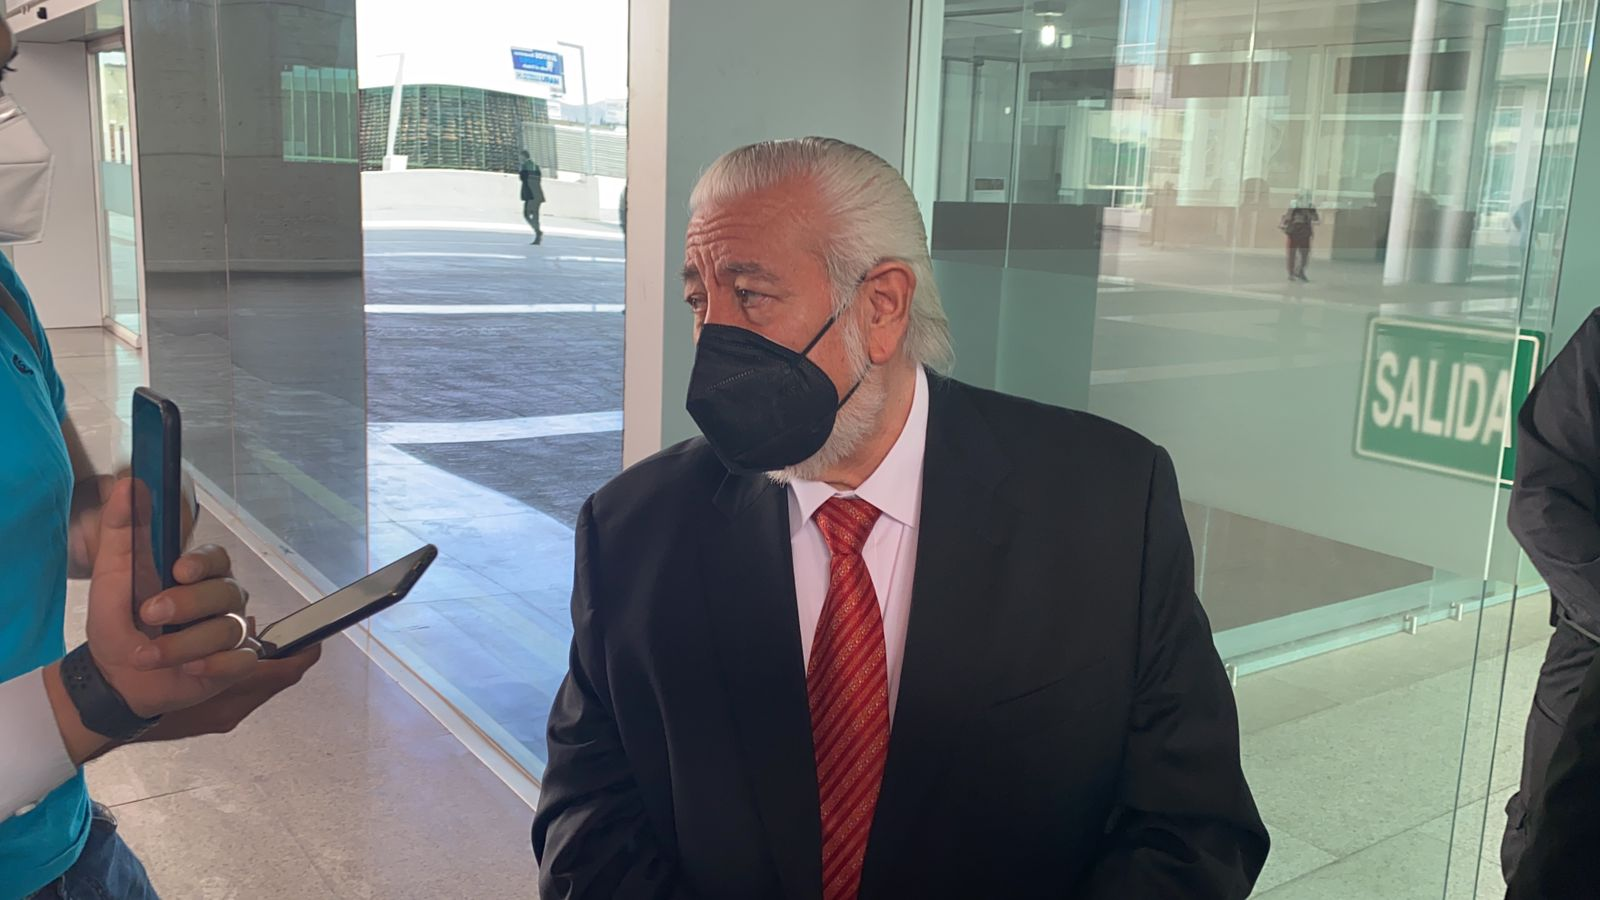 Se aplaza audiencia de Maru porque Ministerio Público no hizo su tarea: Molina